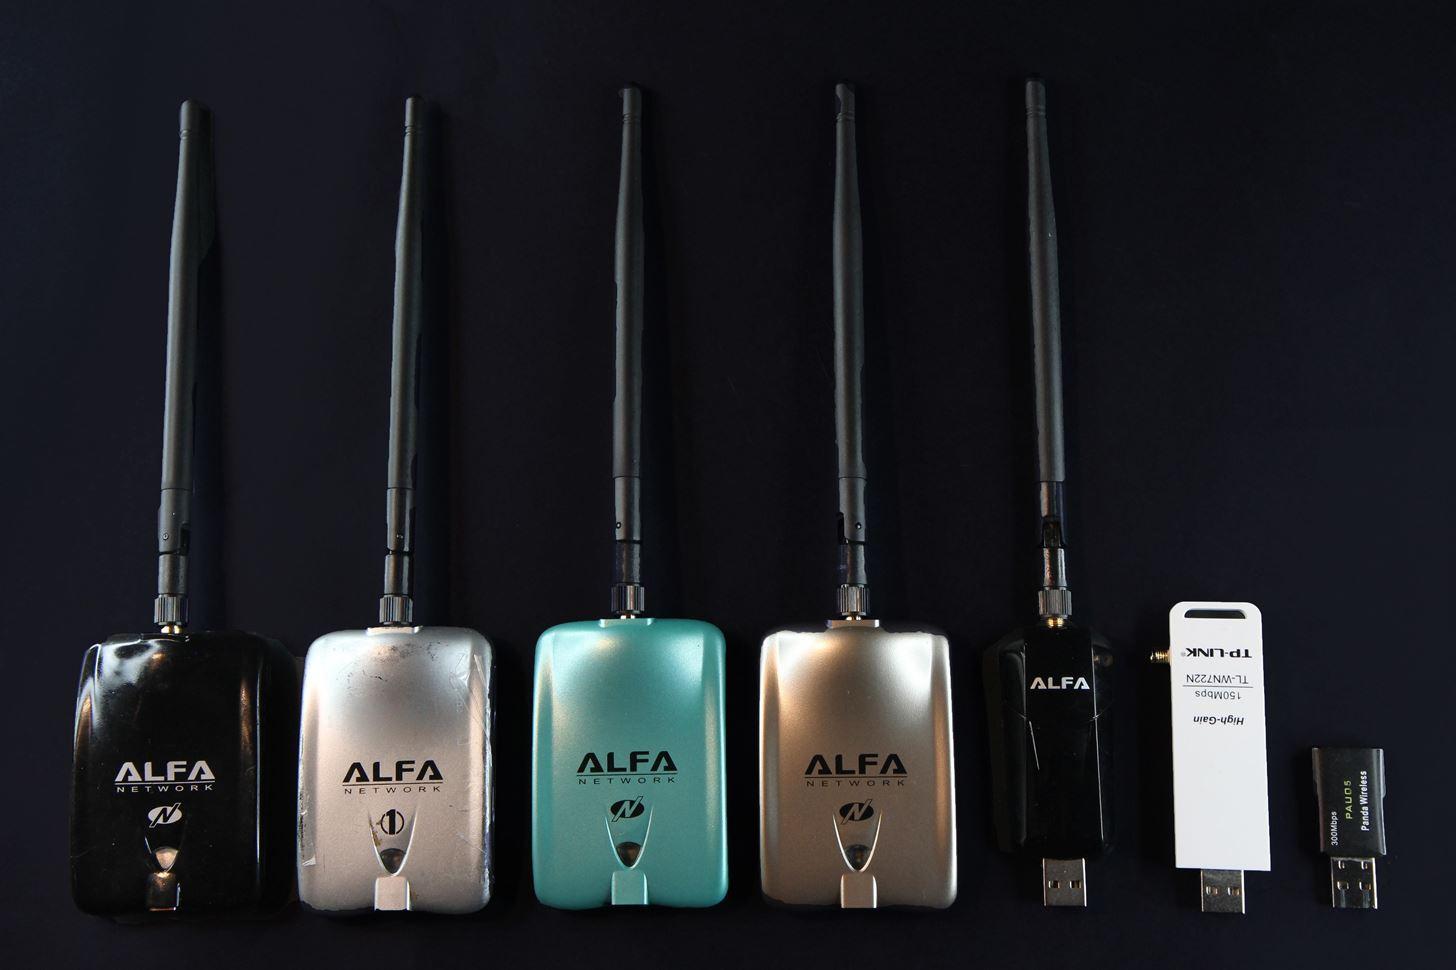 La Migliore Scheda Wireless Per L Hacking Delle Reti Wifi